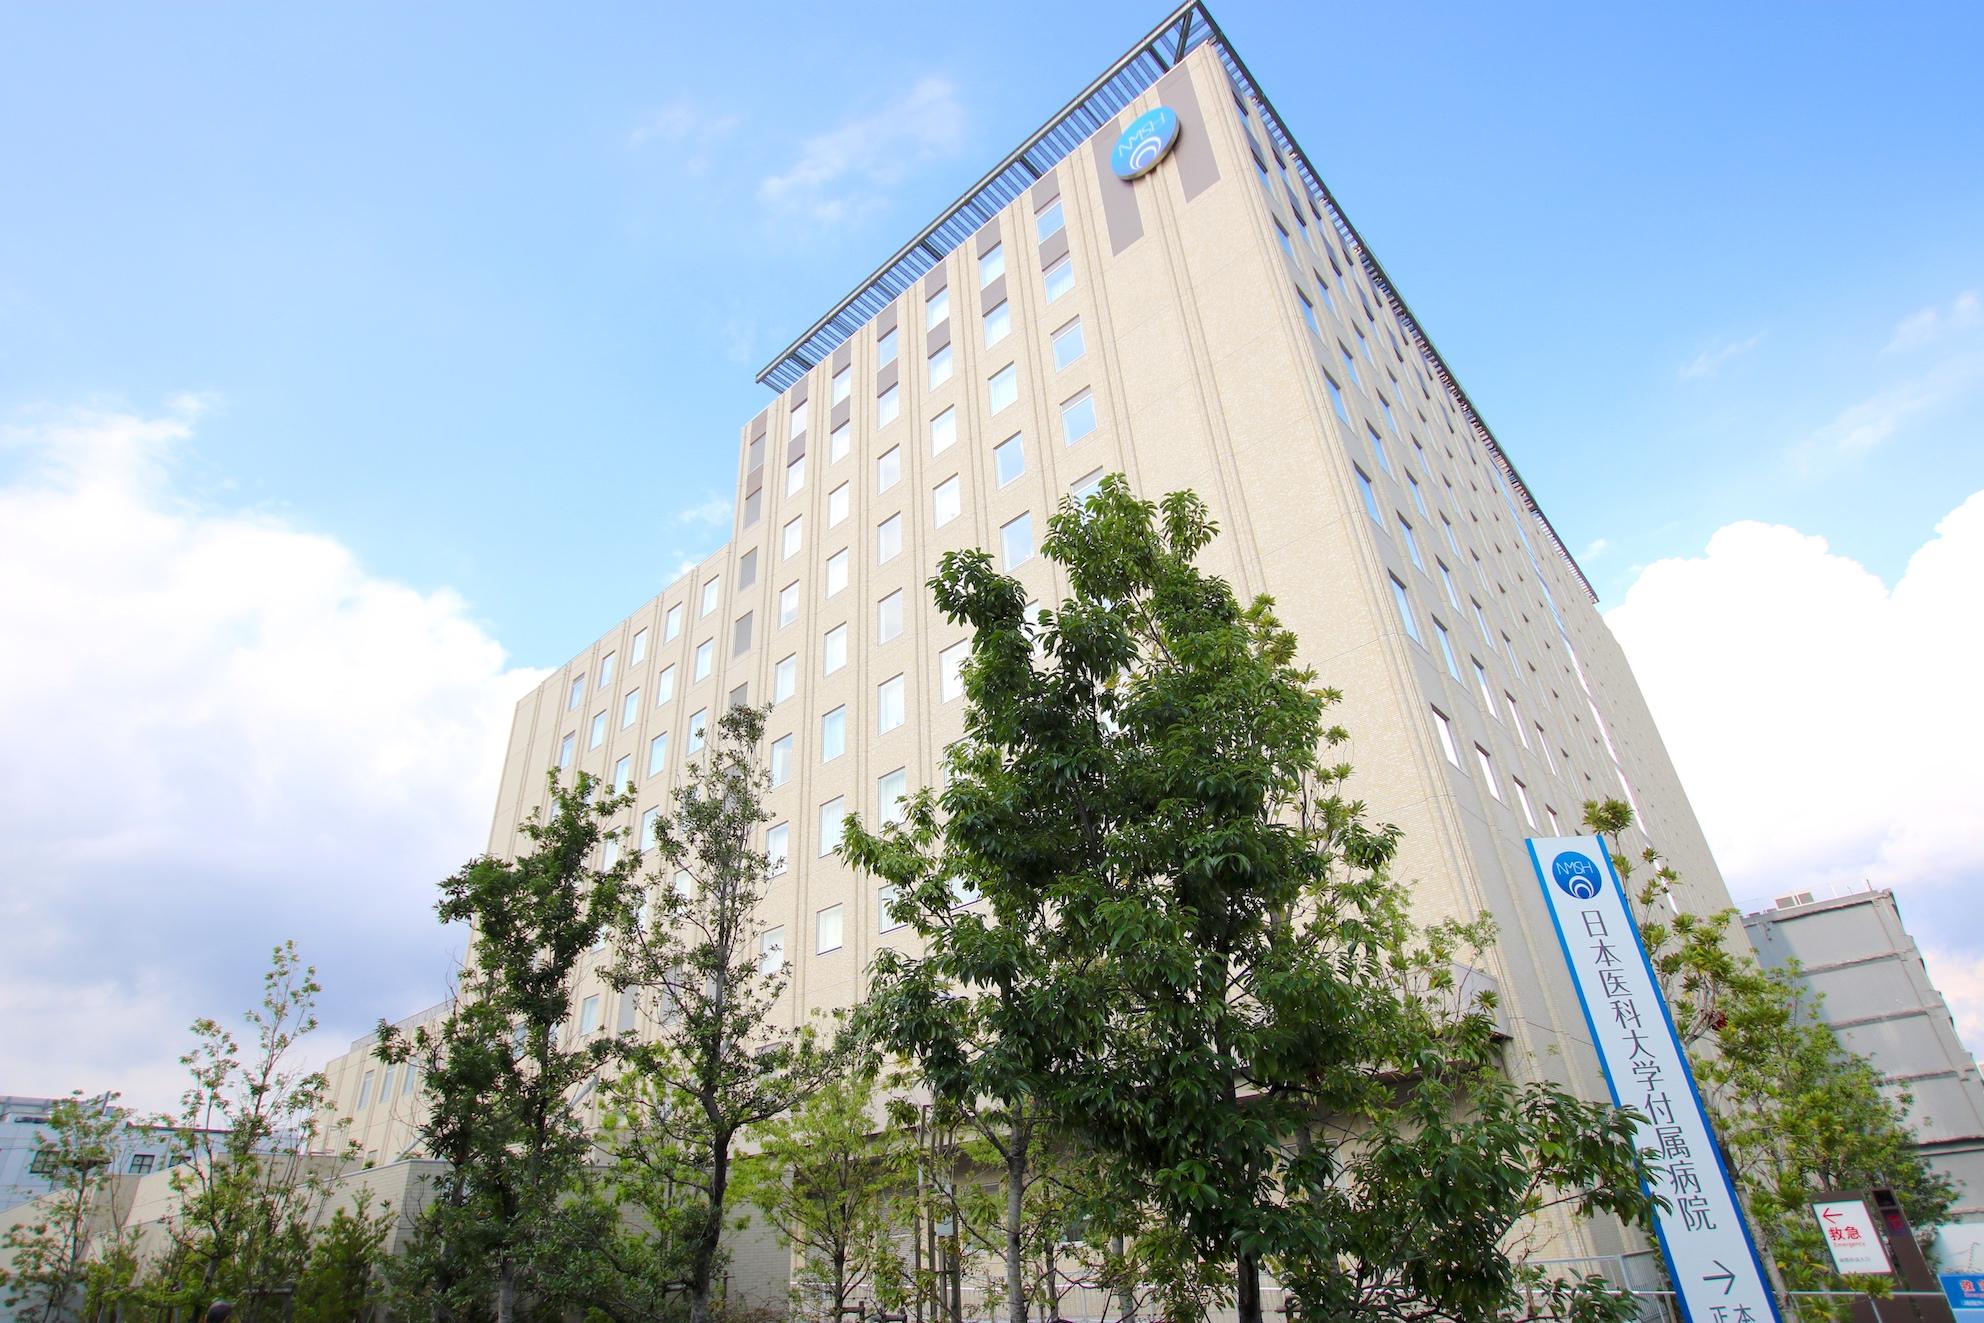 日本医科大学付属病院で電子カルテへ食事の量を入力する業務